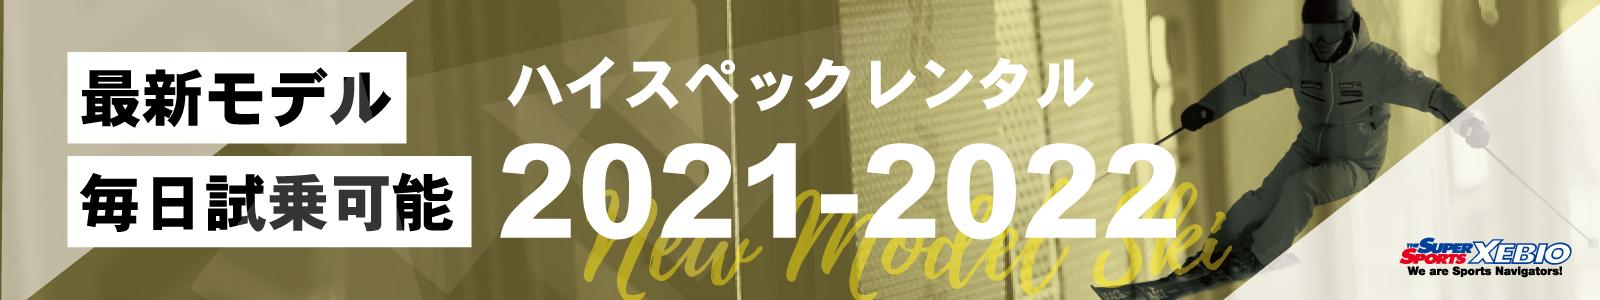 2月19日スタート! 最新モデルに毎日試乗可能!ハイスペックレンタル